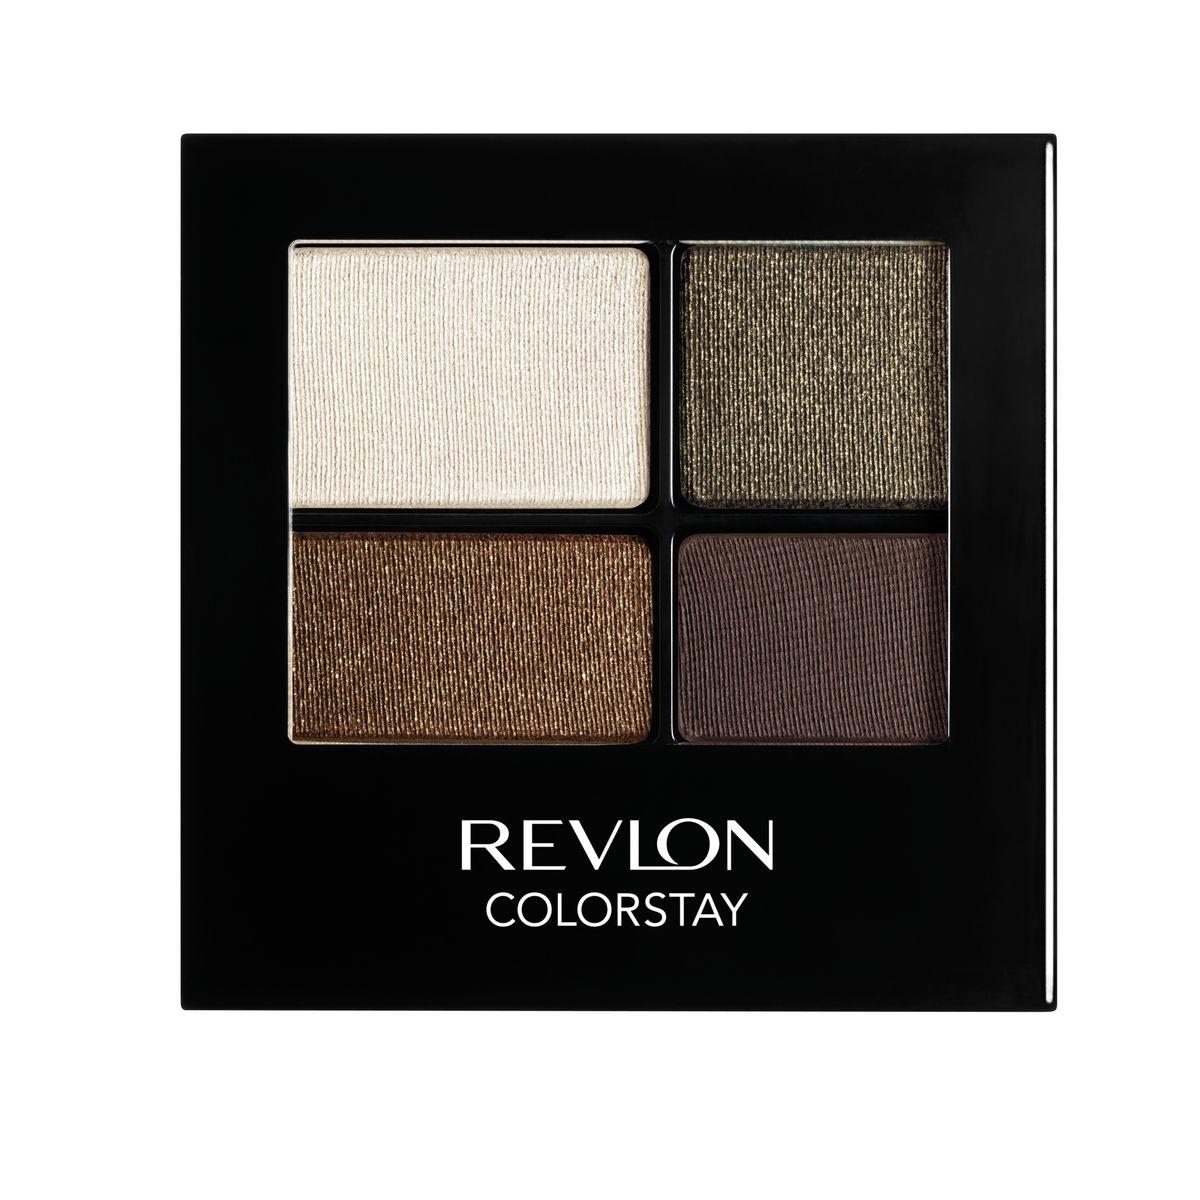 Revlon Тени для Век Четырехцветные Colorstay Eye16 Hour Eye Shadow Quad Adventurous 515 42 г28032022Colorstay 16 Hour Sahdow - роскошные тени для век с шелковистой текстурой и невероятно стойкой формулой. Теперь ваш макияж сохранит свой безупречный вид не менее 16 часов! Все оттенки гармонично сочетаются друг с другом и легко смешиваются, позволяя создать бесконечное количество вариантов макияжа глаз: от нежных, естественных, едва заметных, до ярких, выразительных, драматических. На оборотной стороне продукта приведена схема нанесения.Аккуратно нанести на веки специальной кисточкой.